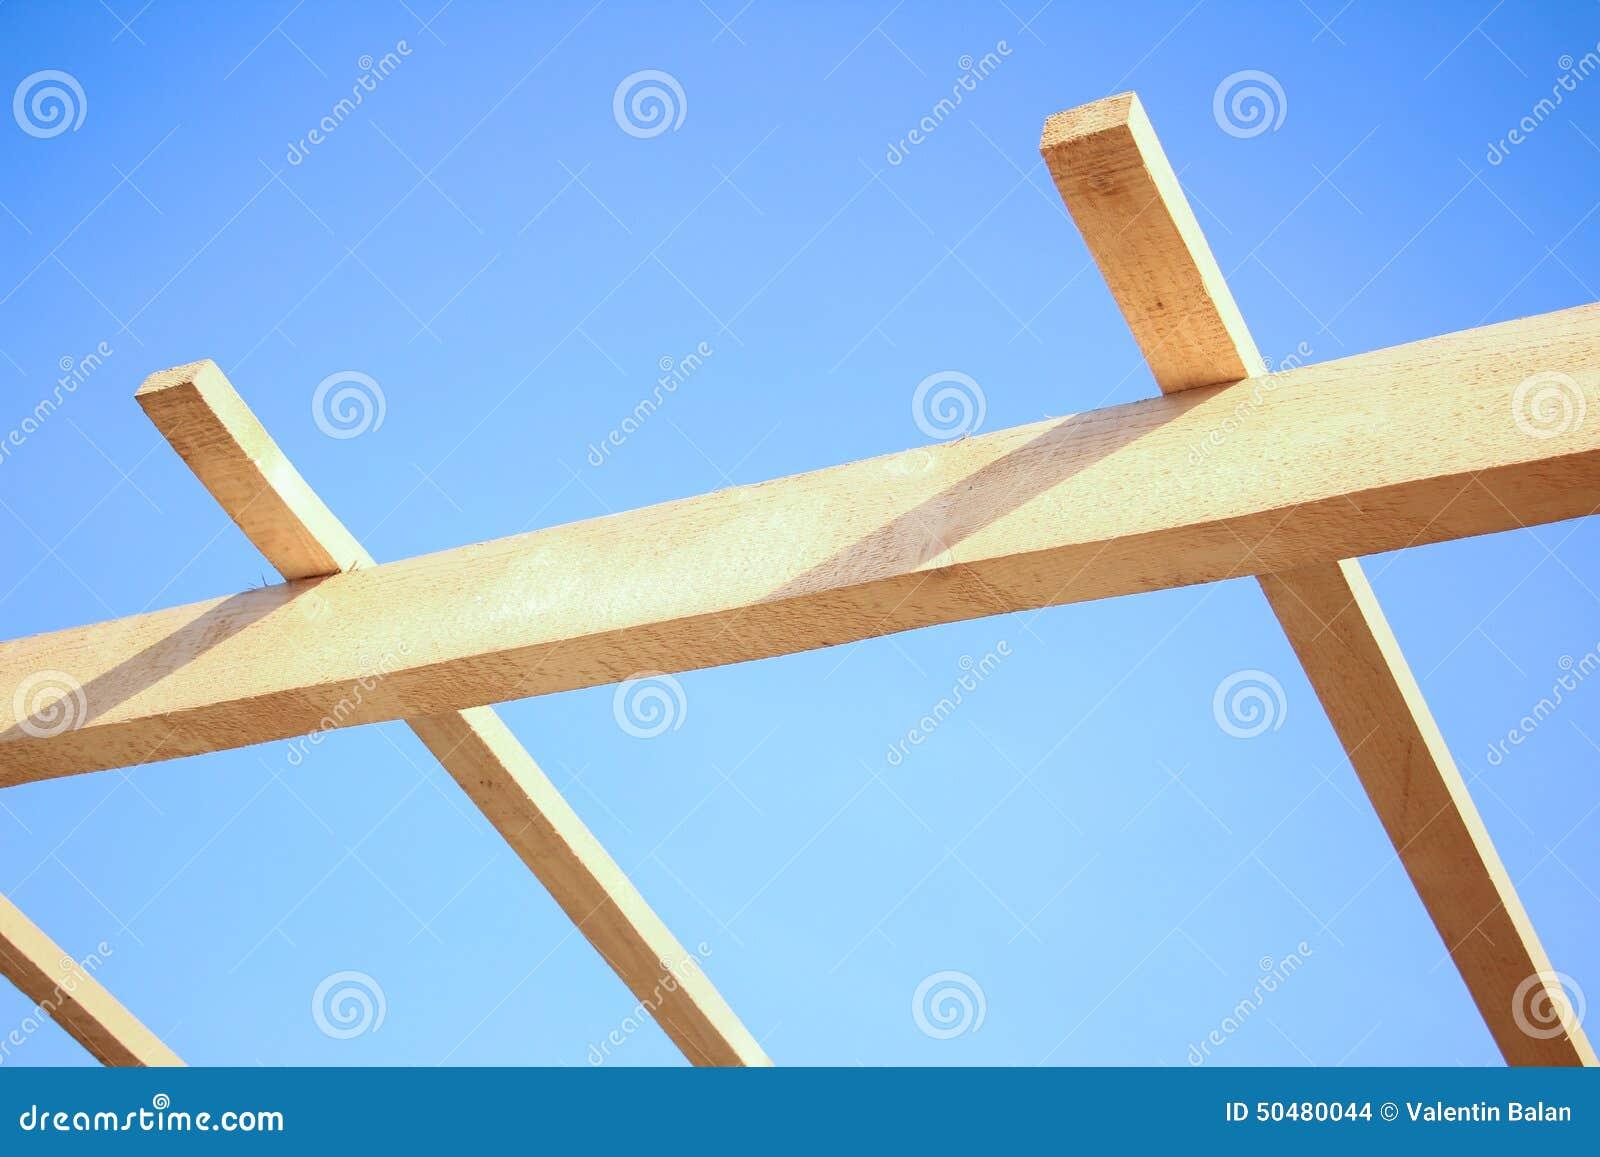 Εγκατάσταση των ξύλινων ακτίνων στην κατασκευή